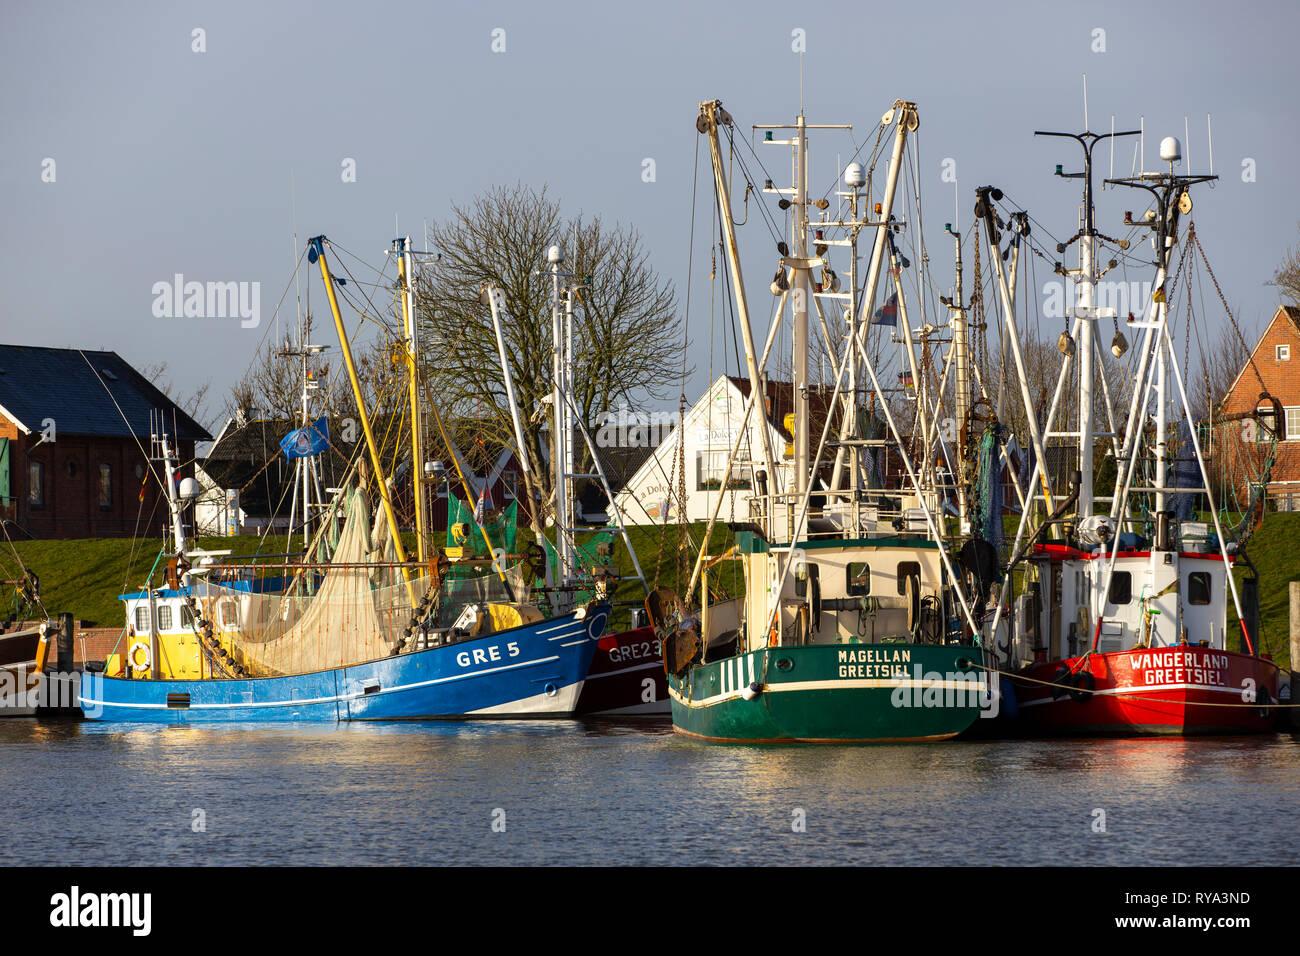 Der Fischereihafen von Greetsiel, Ostfriesland, Niedersachsen, Fischkutter, Krabbenkutter liegen im Hafen, Stock Photo